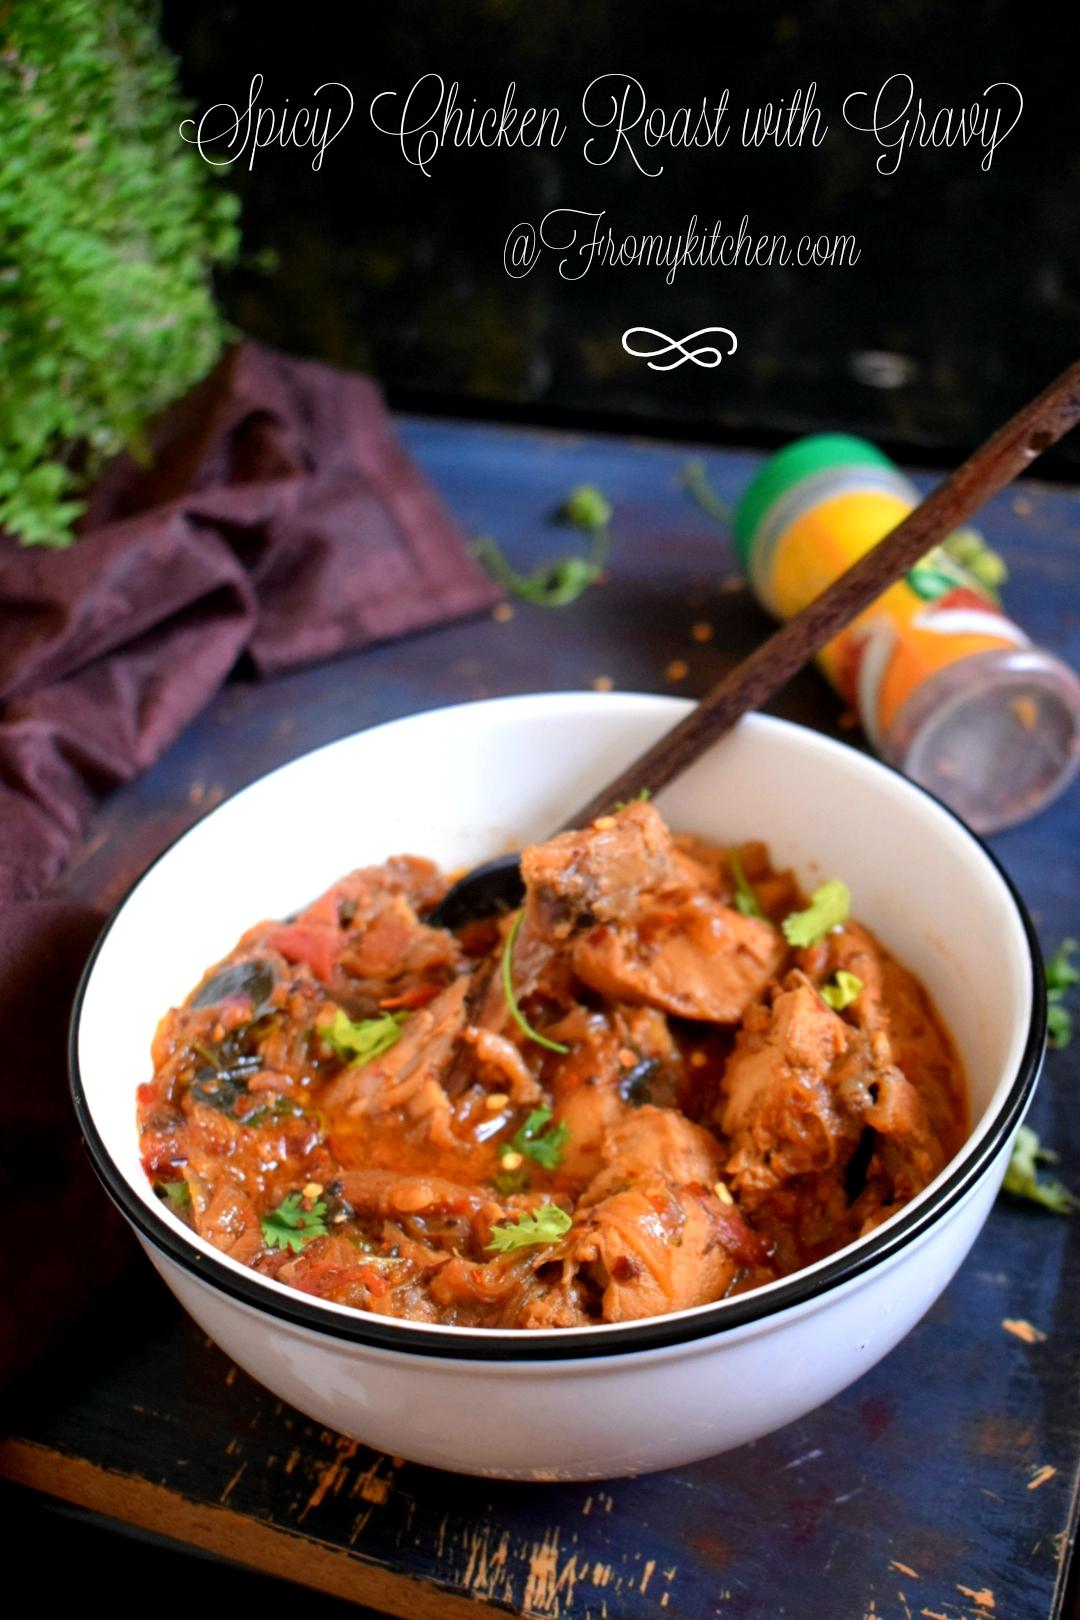 Spicy Chicken Roast with Gravy